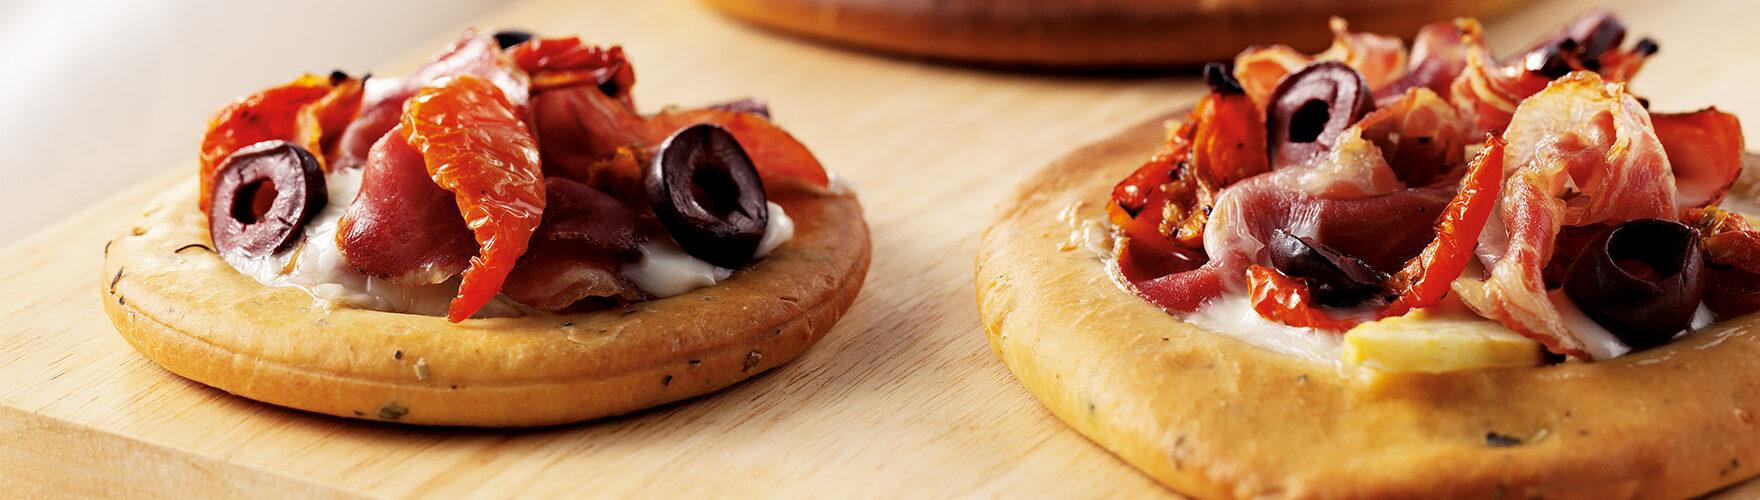 Pizza met geitenkaas, parmaham en verse olijven